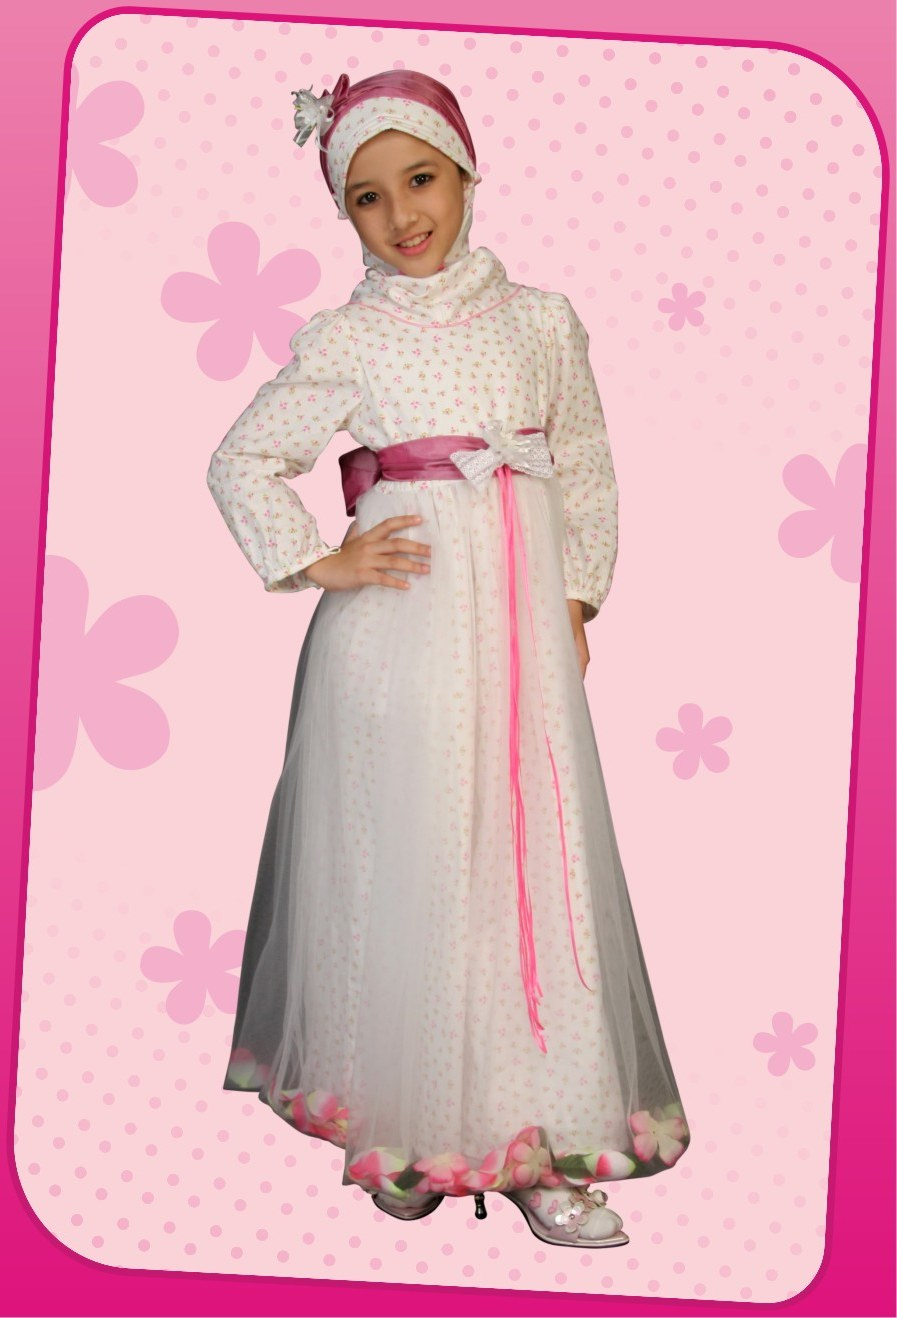 Bentuk Baju Lebaran Anak Perempuan Umur 13 Tahun 9ddf Trend Busana Muslim Anak Perempuan 2016 Busana Muslim Terbaru